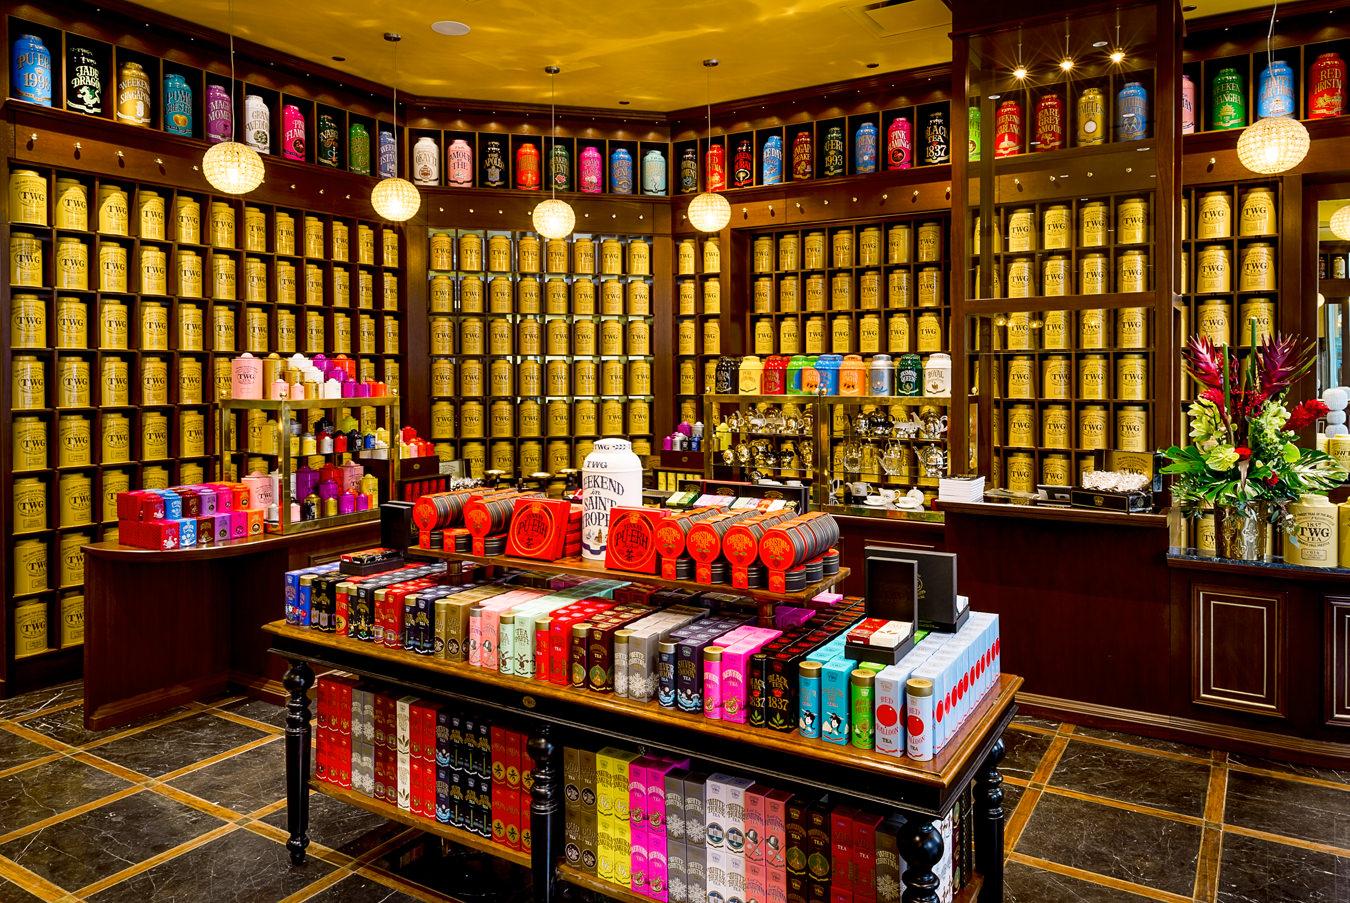 Tea Room And Beauty Business